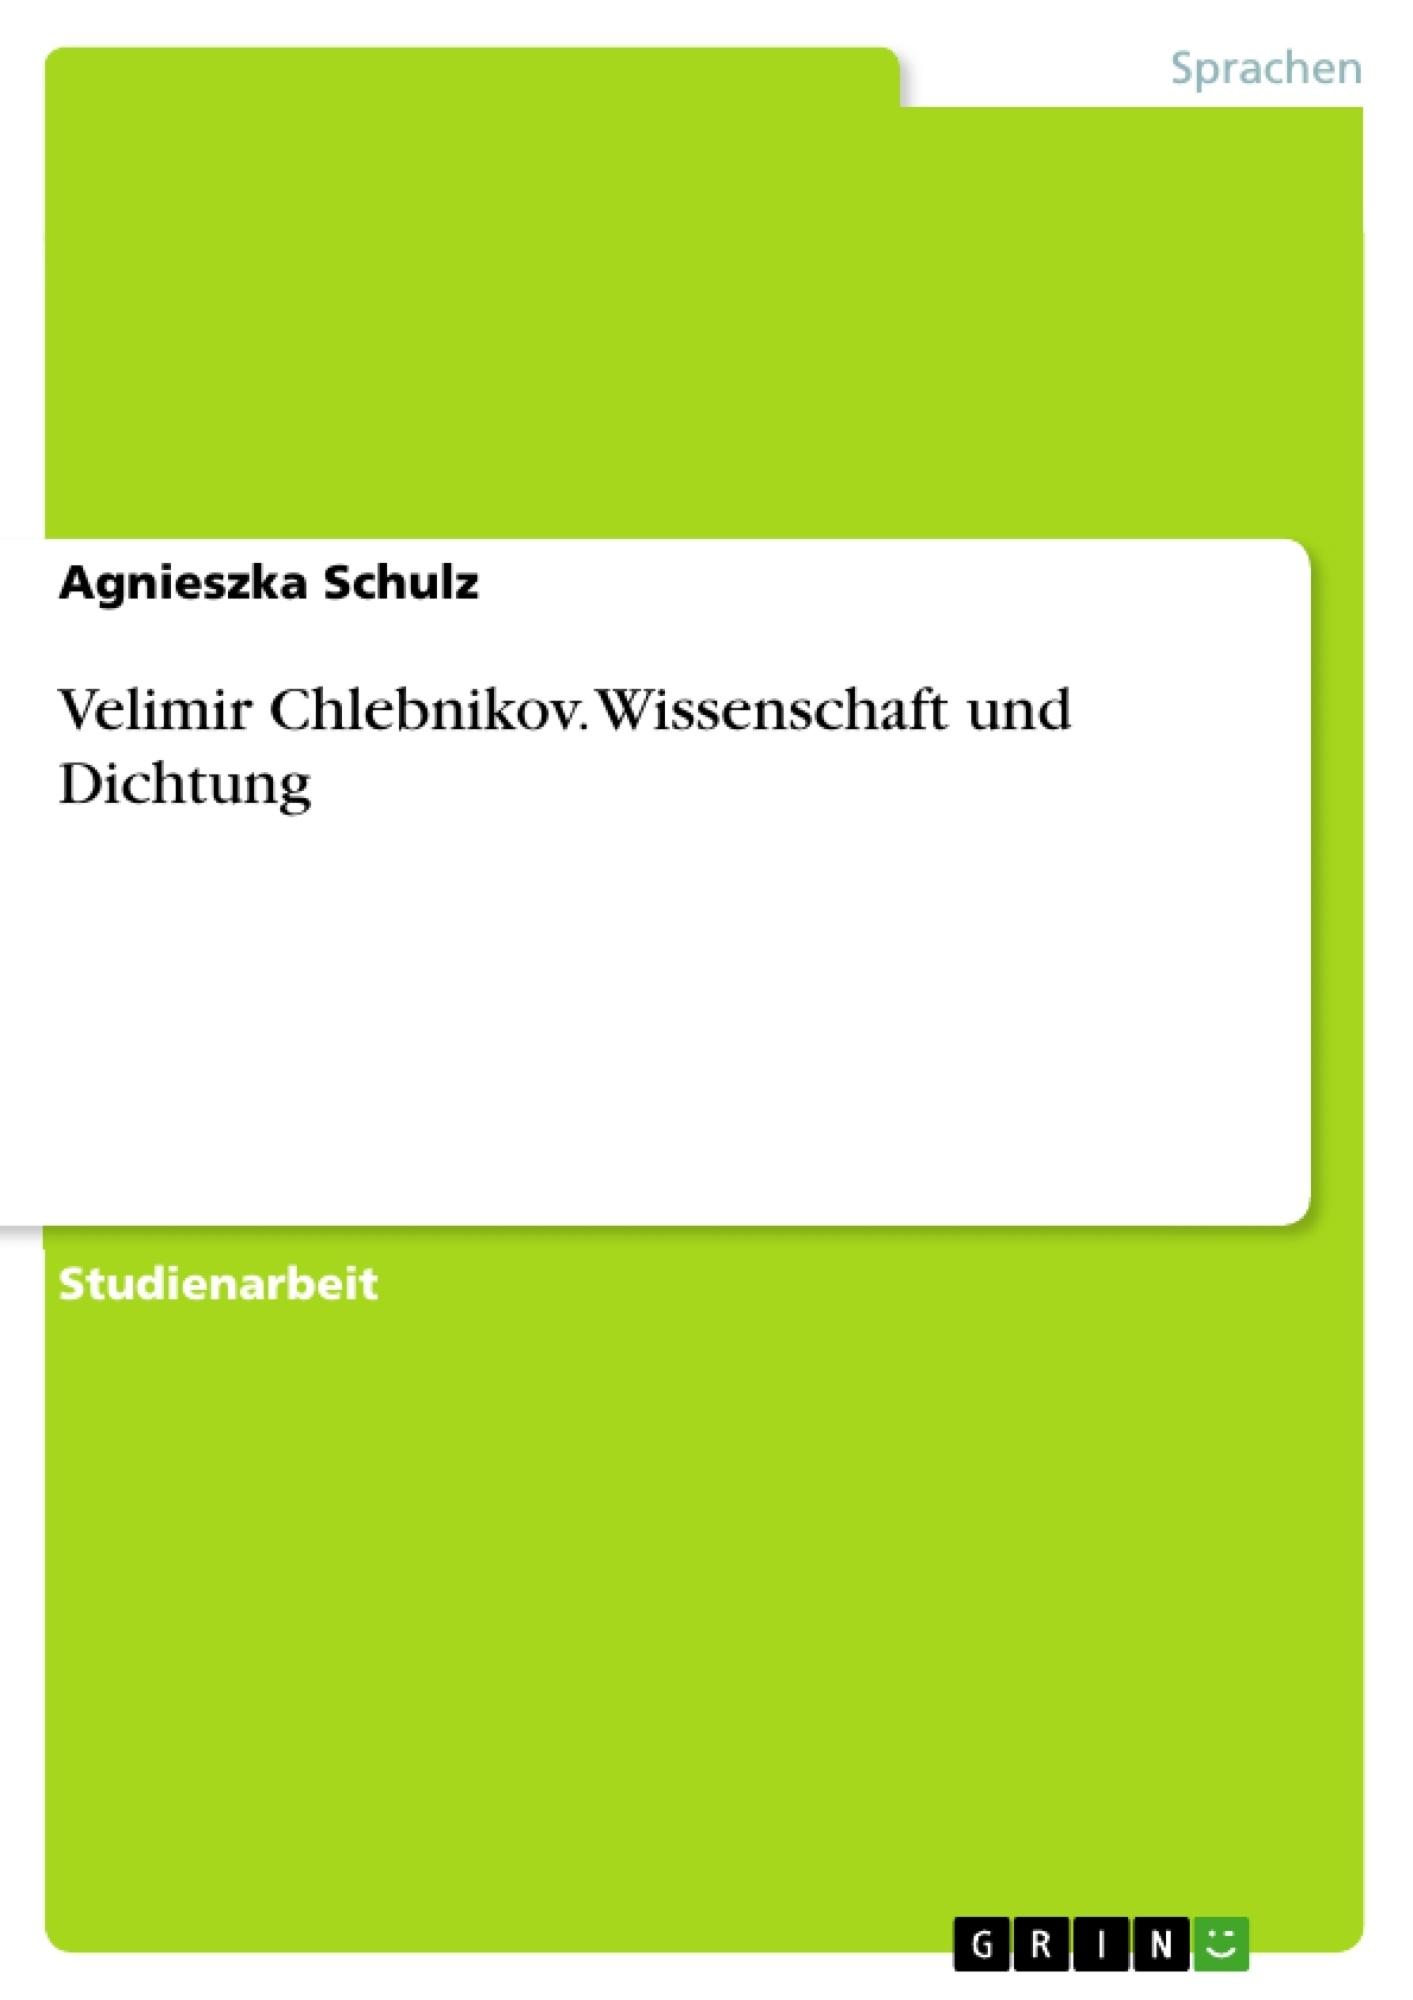 Titel: Velimir Chlebnikov. Wissenschaft und Dichtung